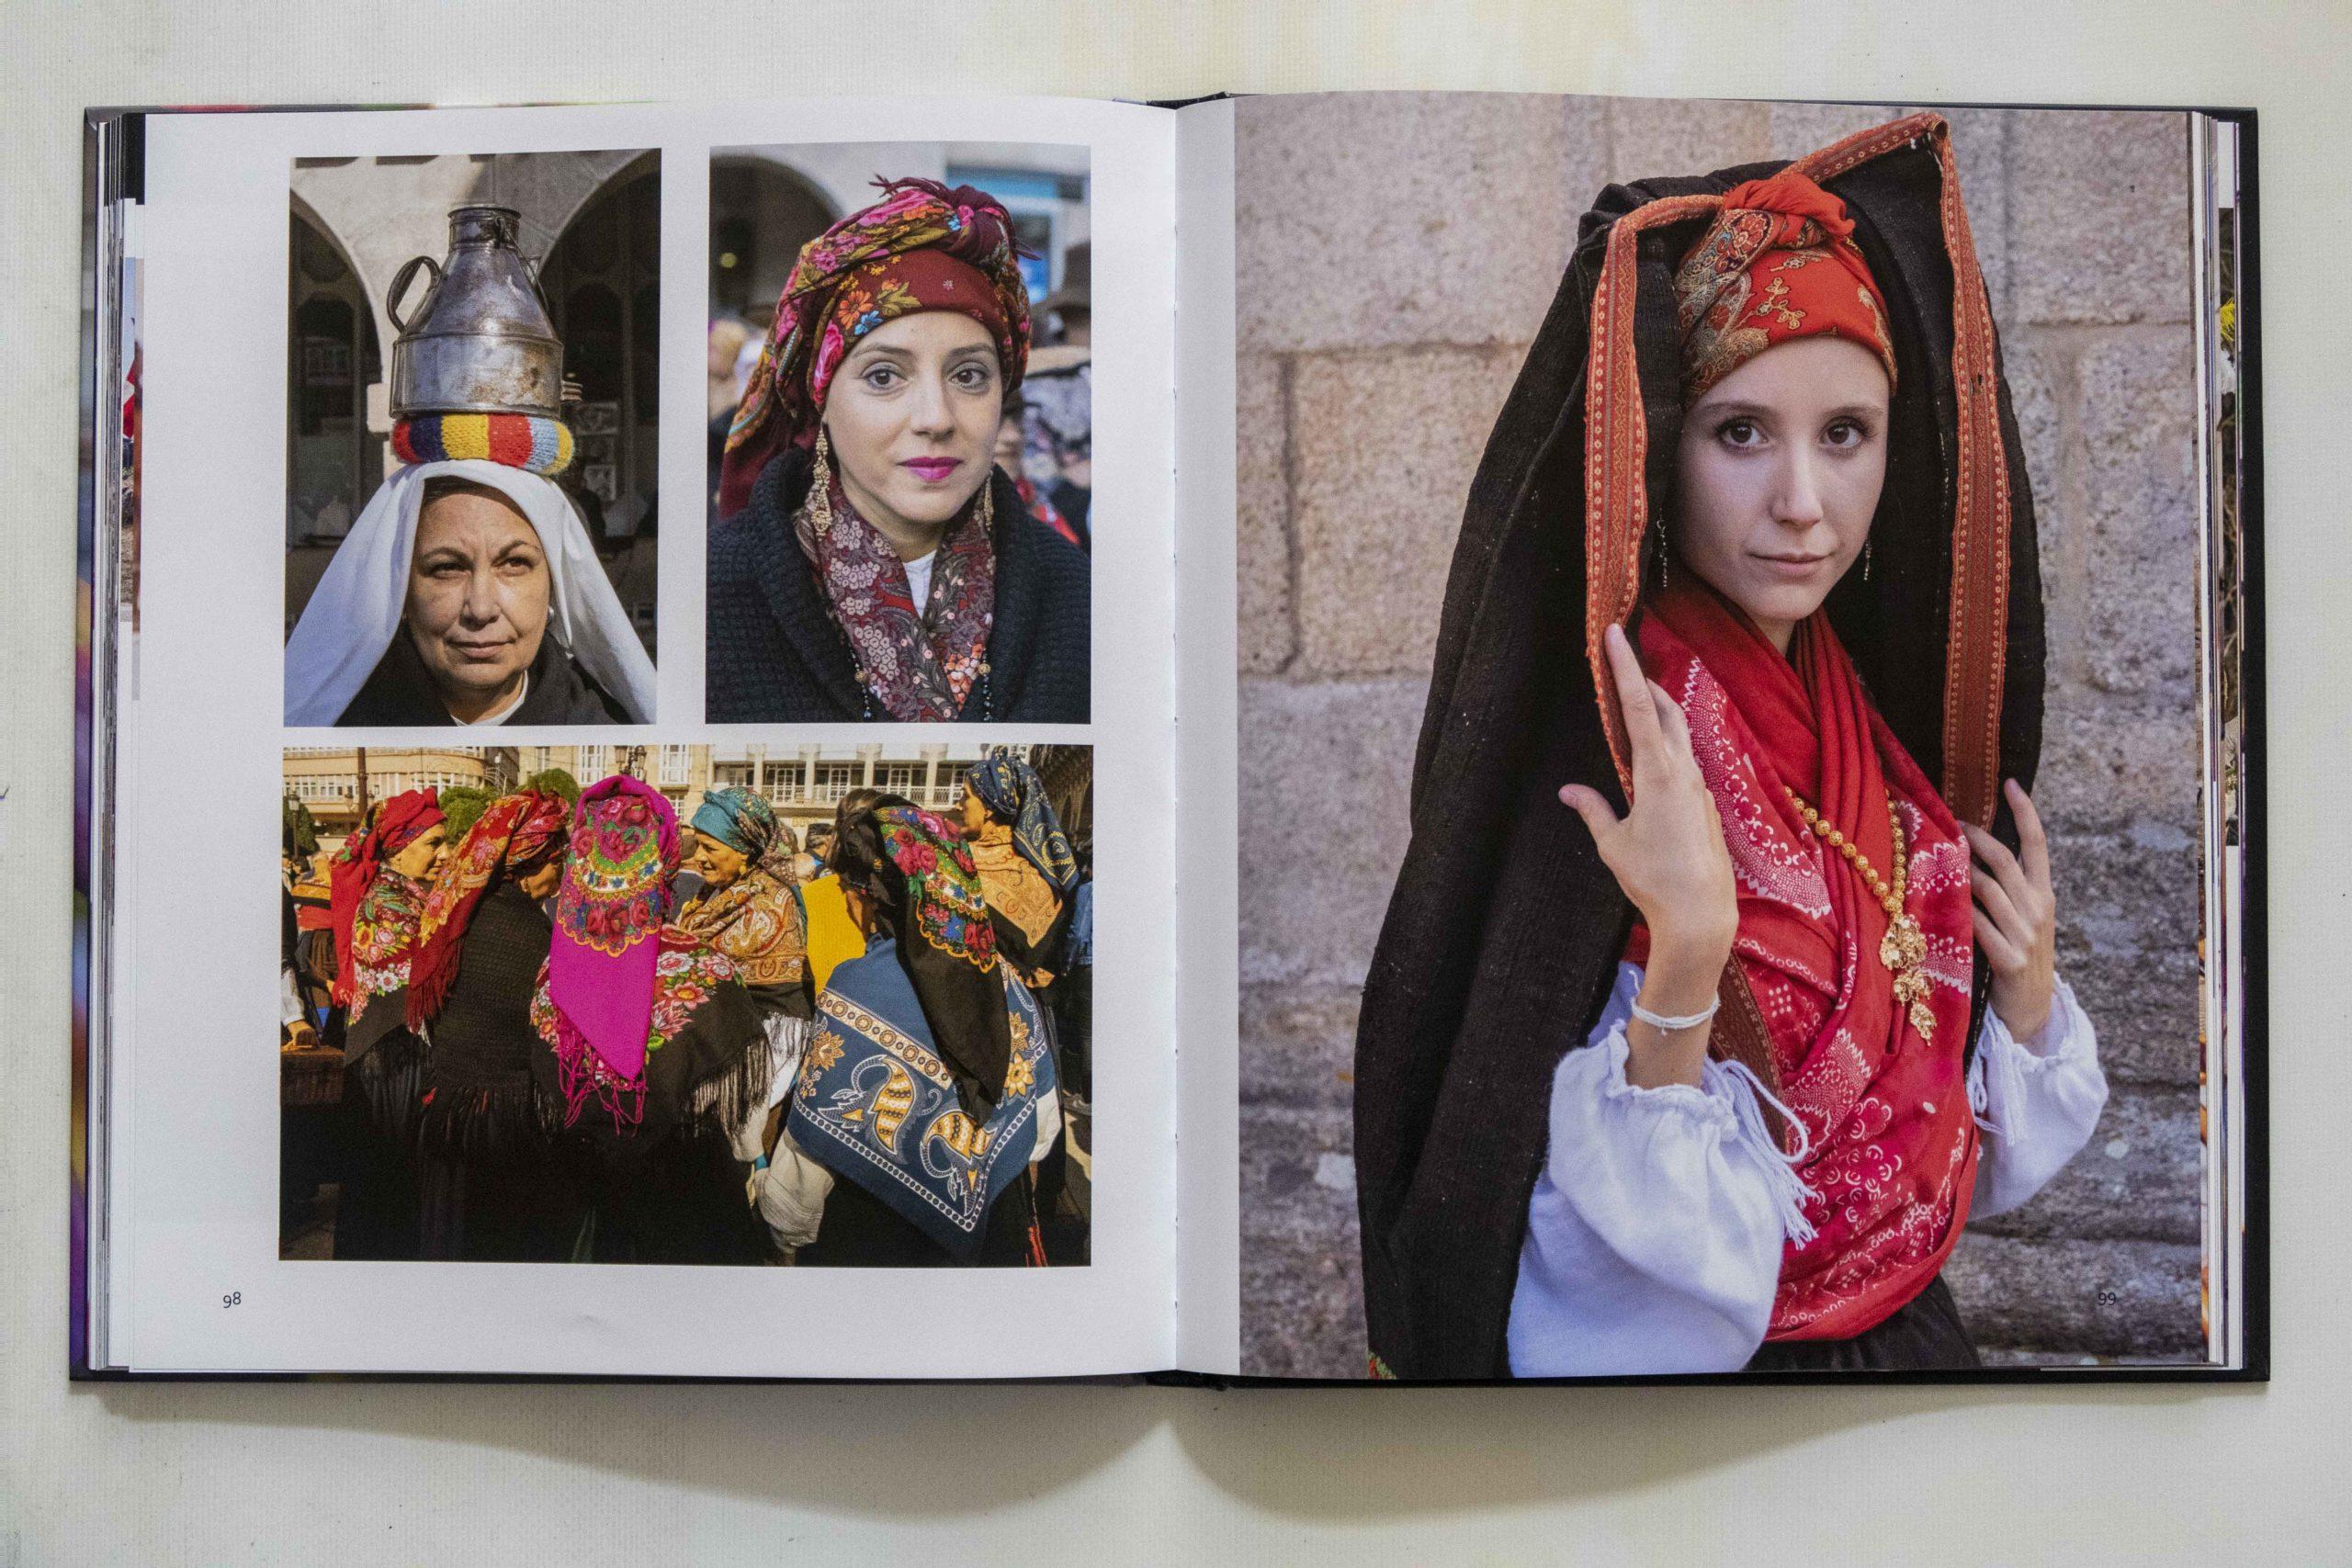 Domingo das Mozas. San Froilán no libro Galicia e unha festa de Xurxo Lobato